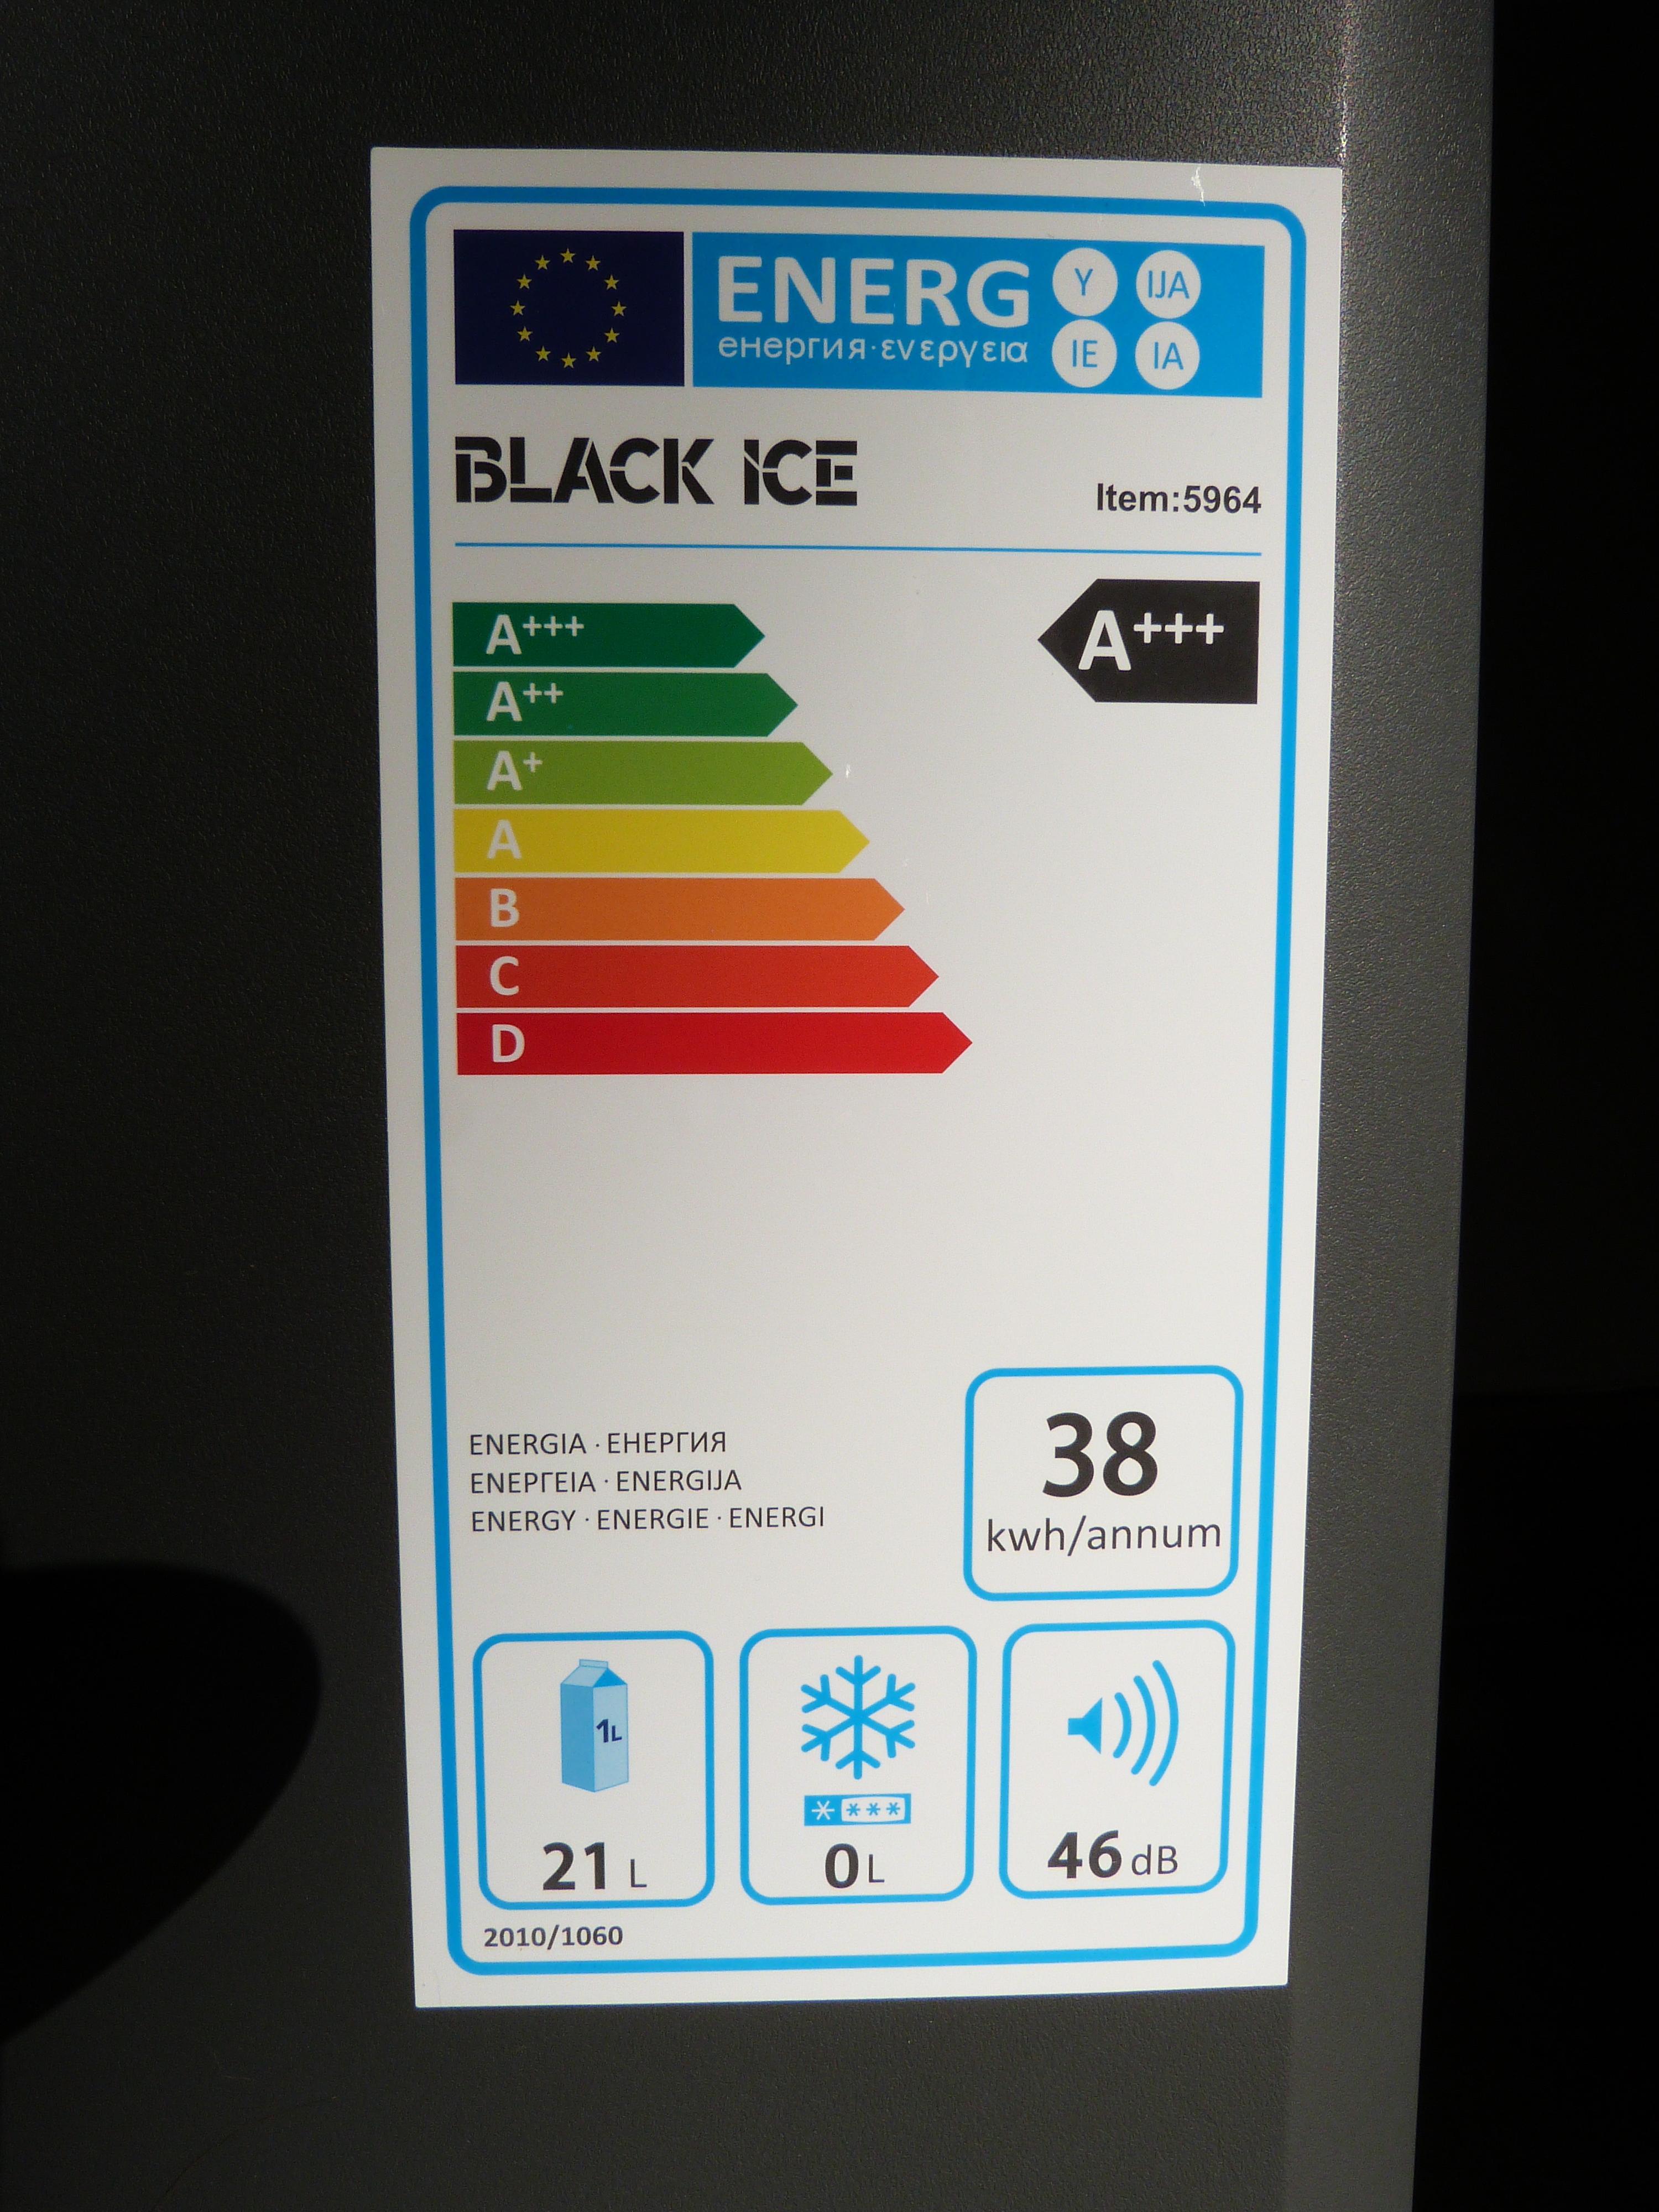 Glacière BLACK ICE 5964 3701392959644